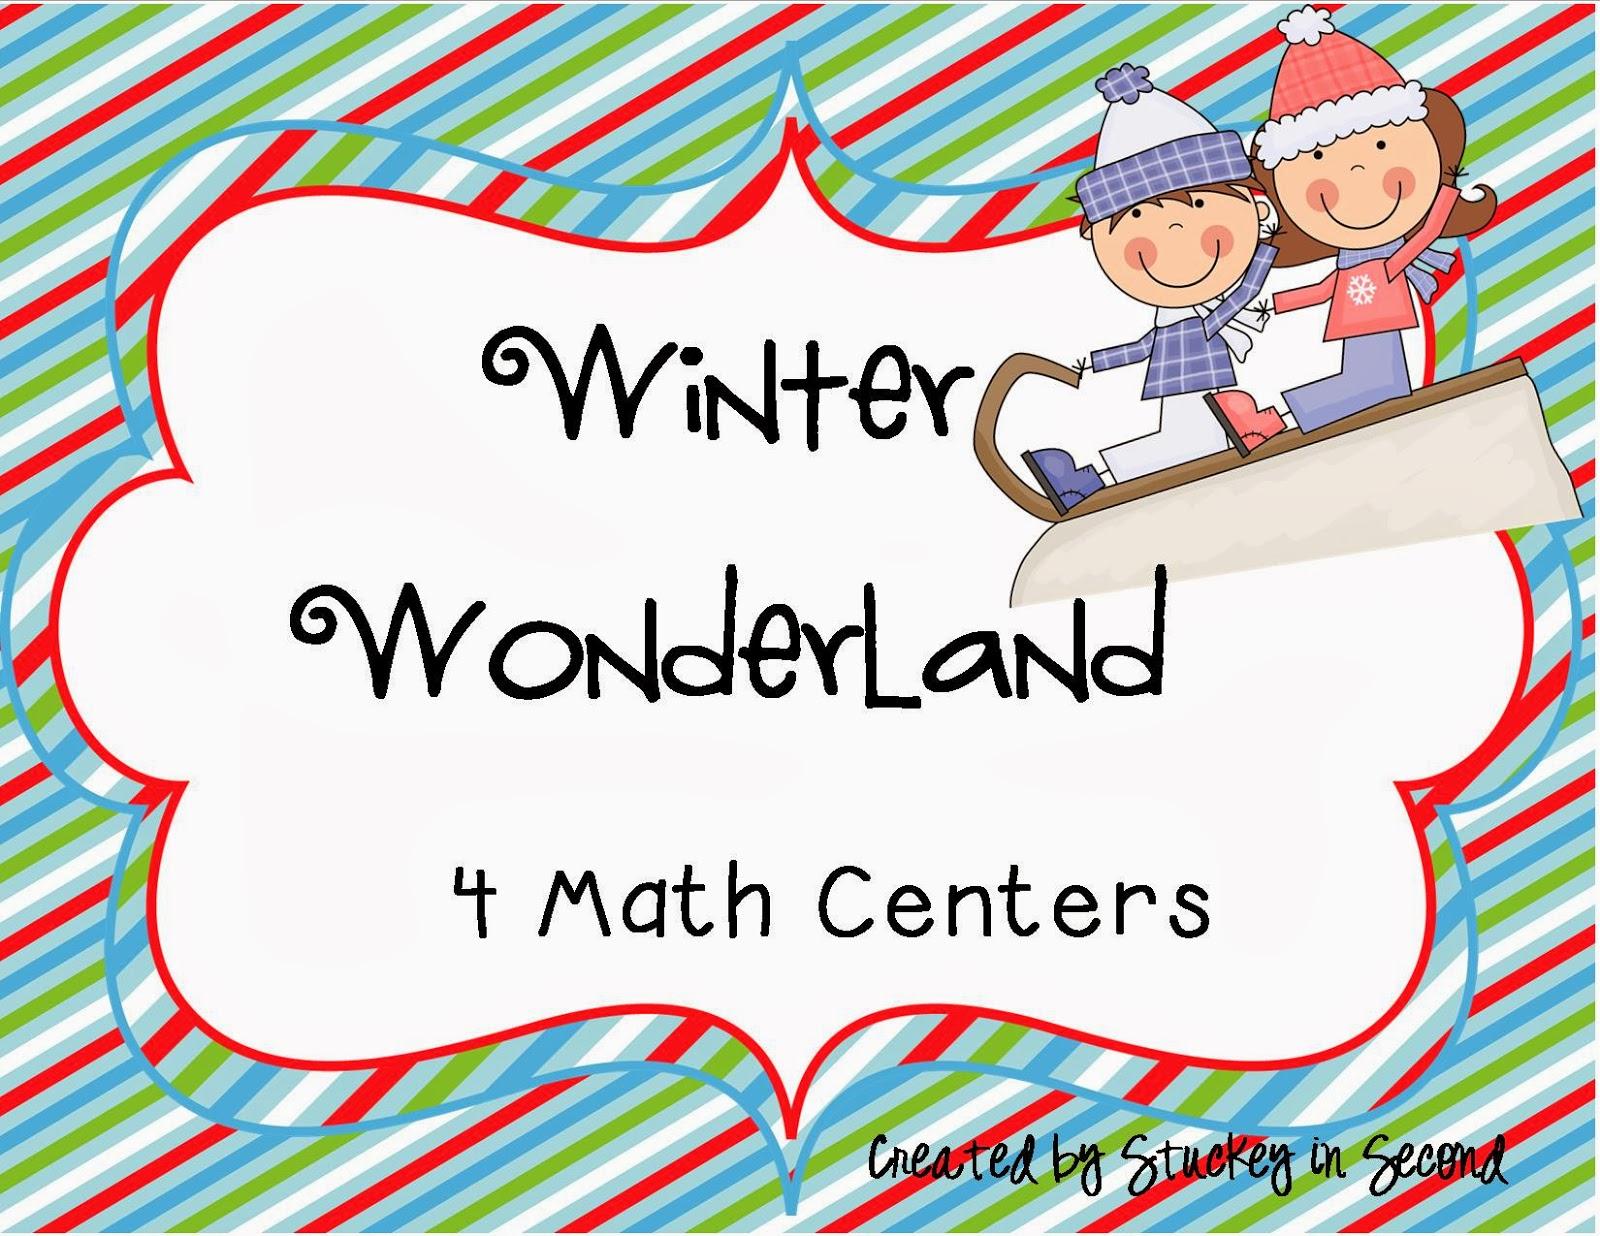 http://www.teacherspayteachers.com/Product/Winter-Wonderland-Math-Centers-mClass-Math-Practice-434992